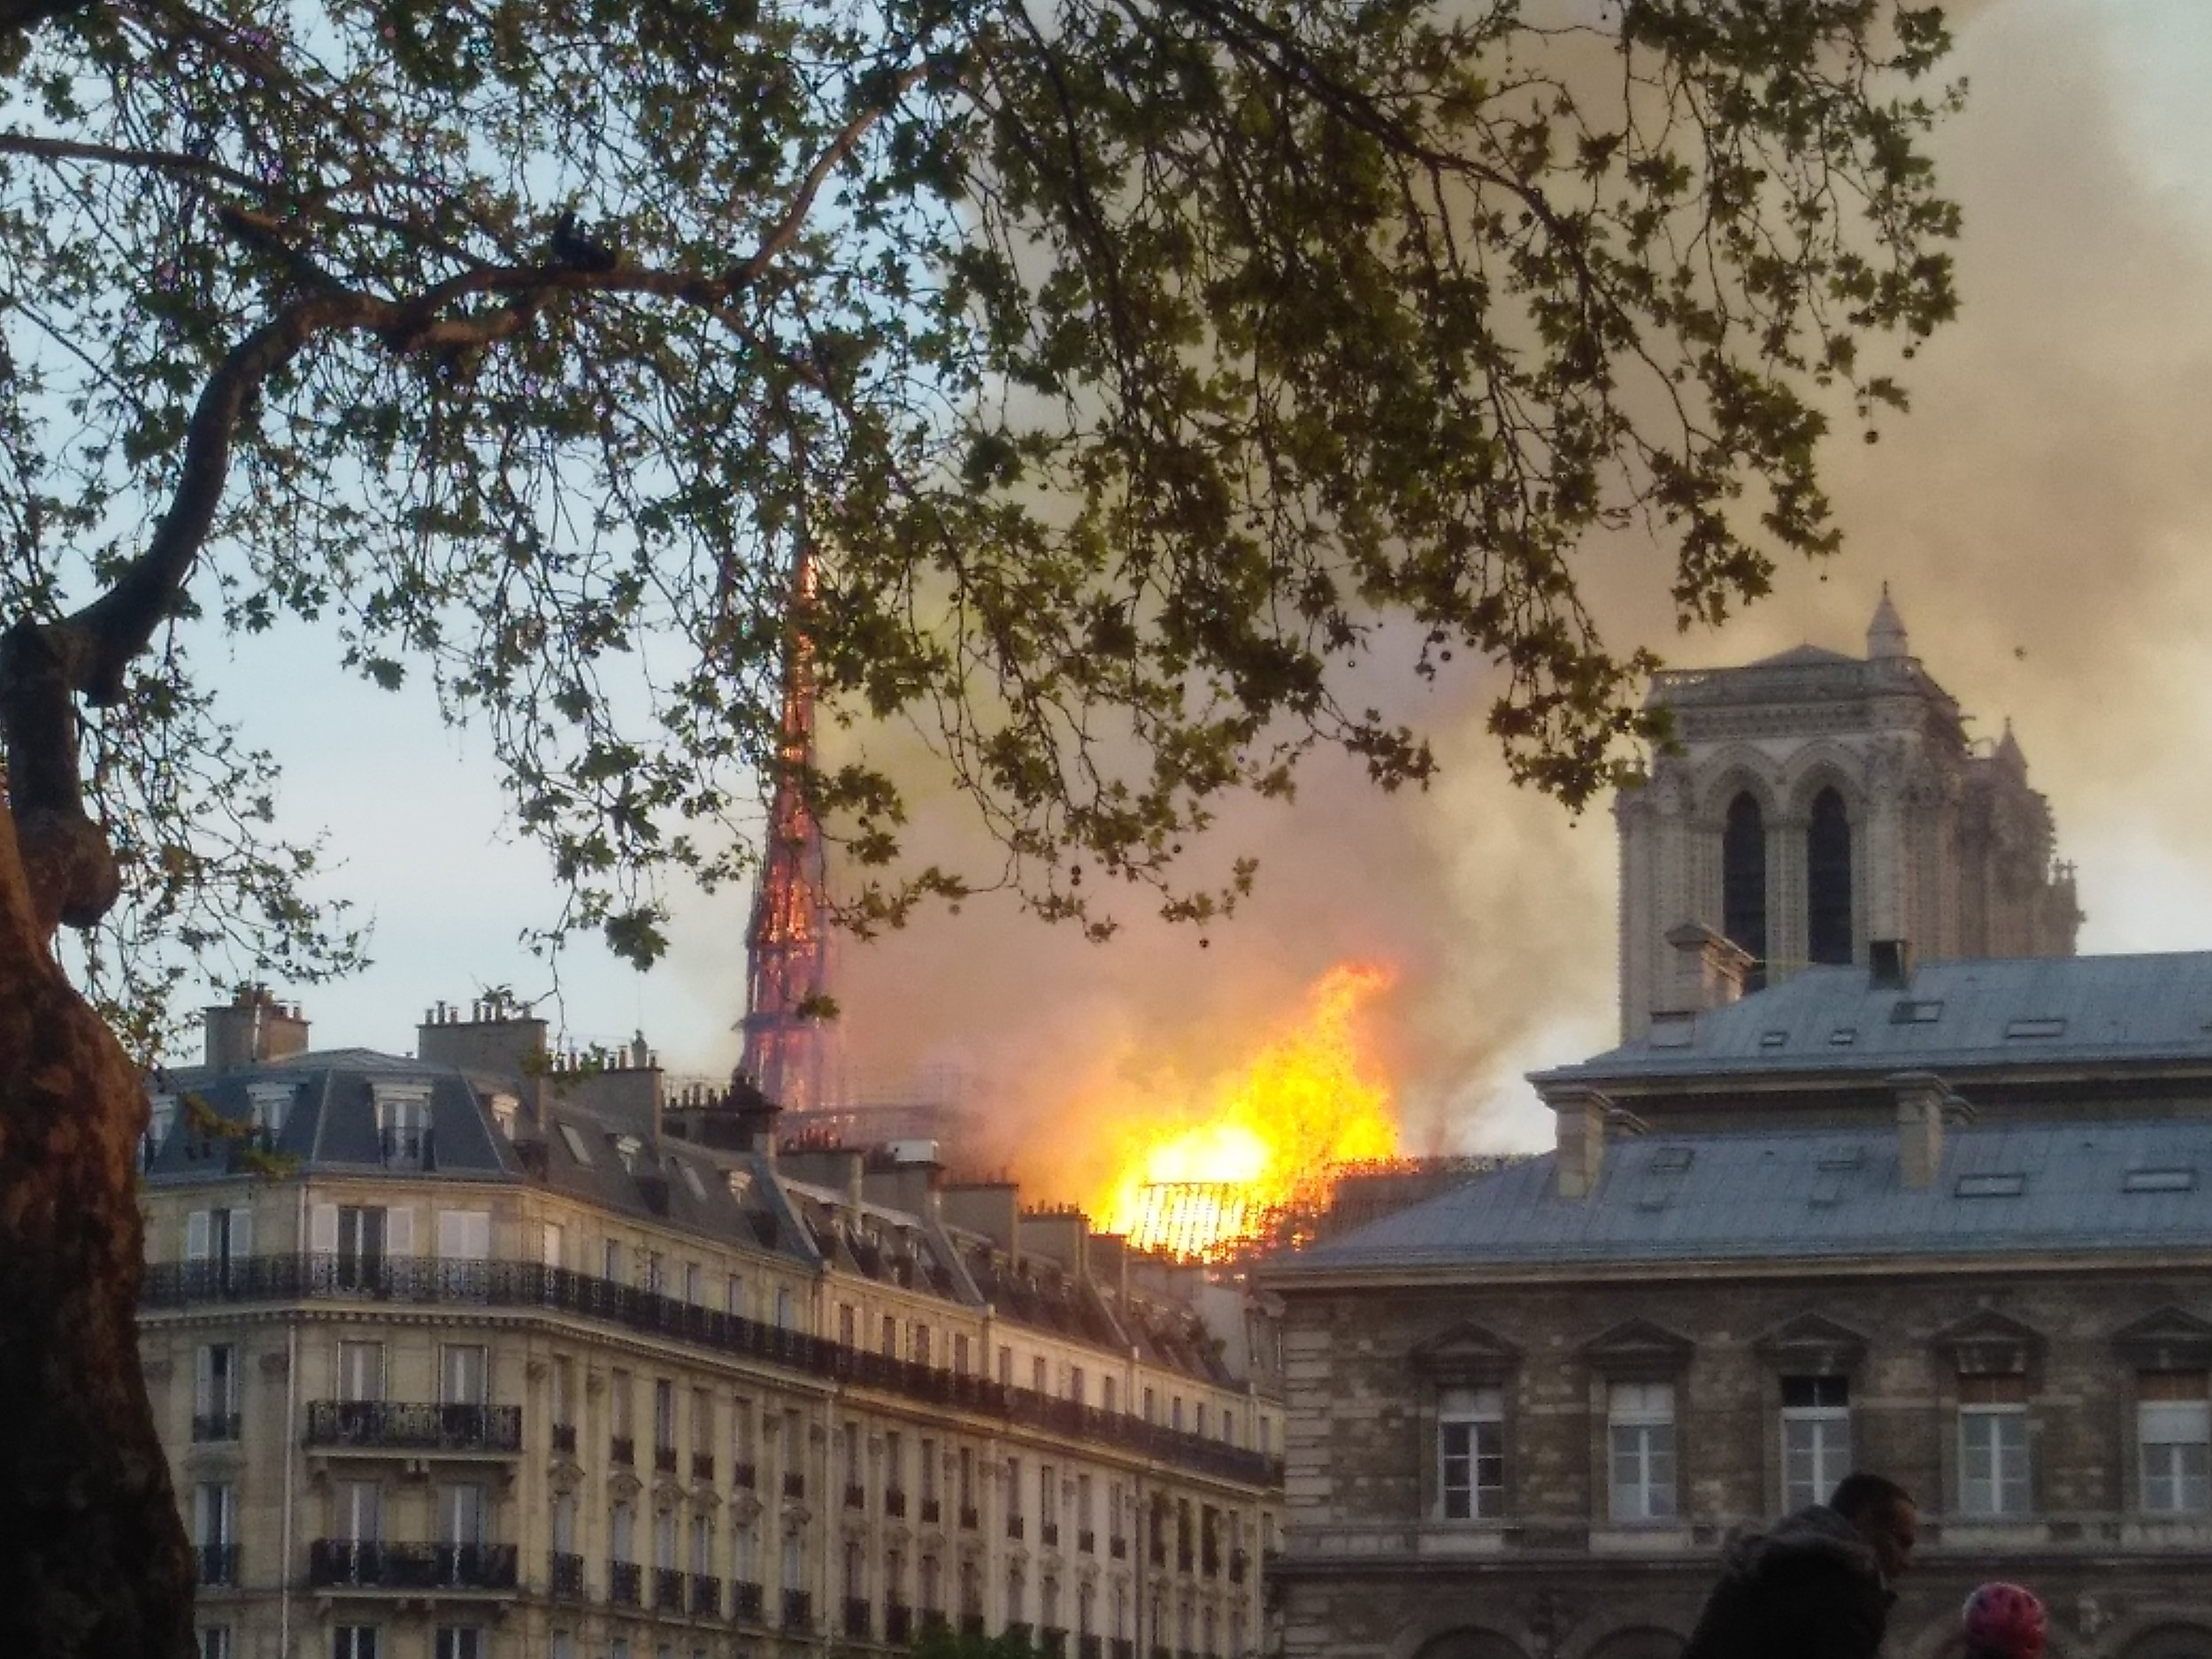 Incendie_de_Notre-Dame-de-Paris_15_avril_2019_05.jpg